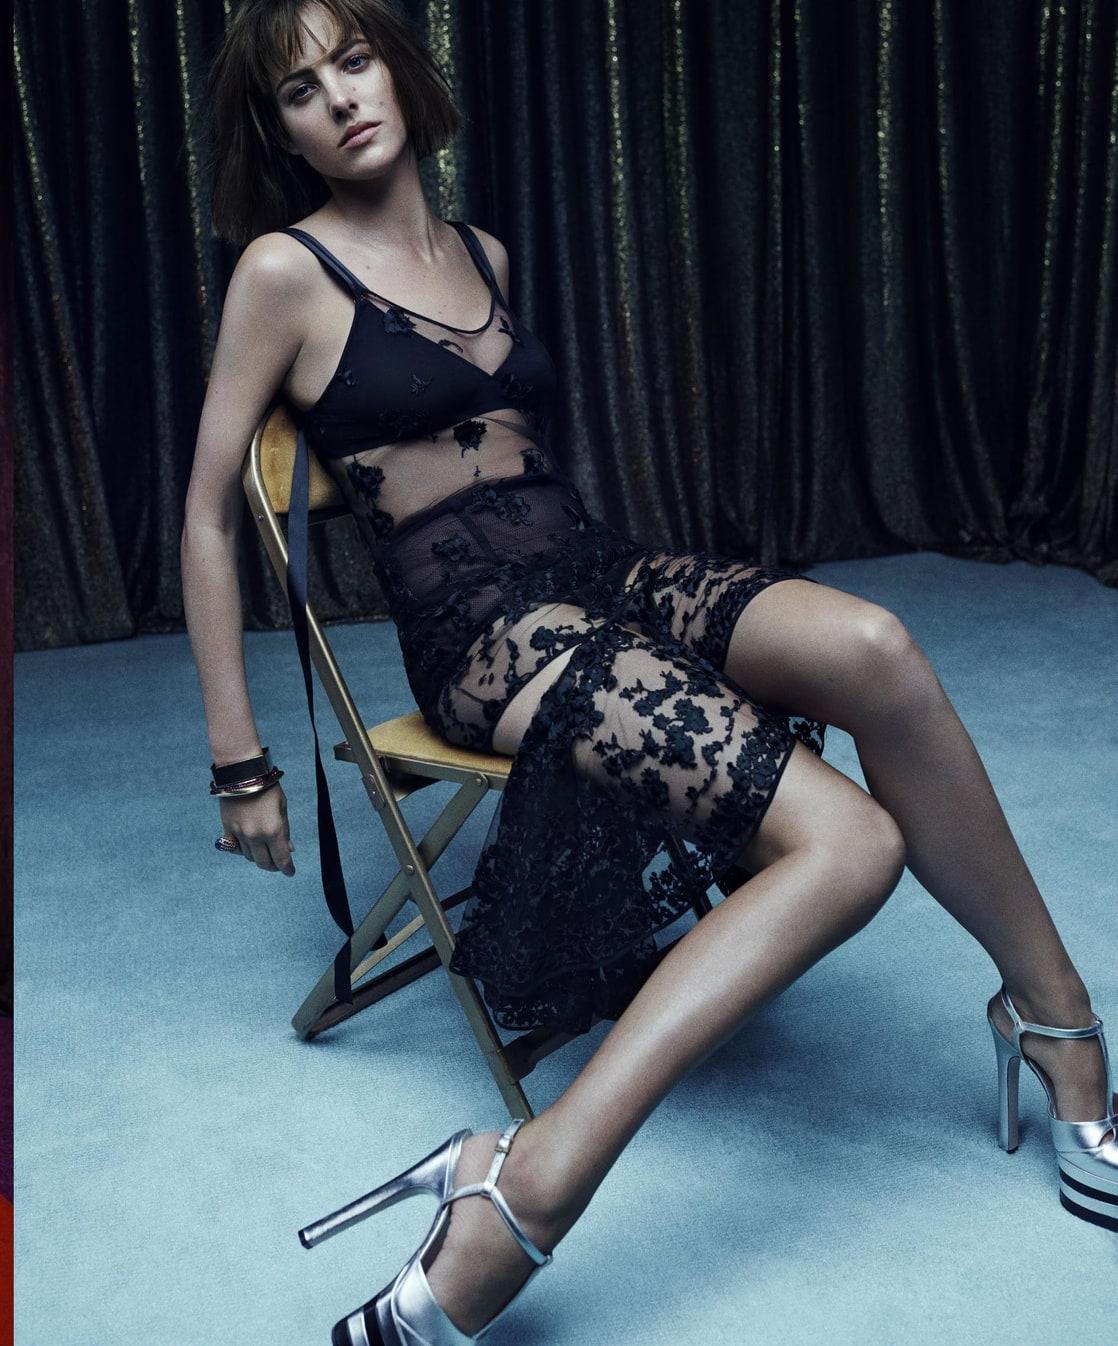 Hot Eliza Cummings nudes (13 photo), Topless, Cleavage, Feet, braless 2006